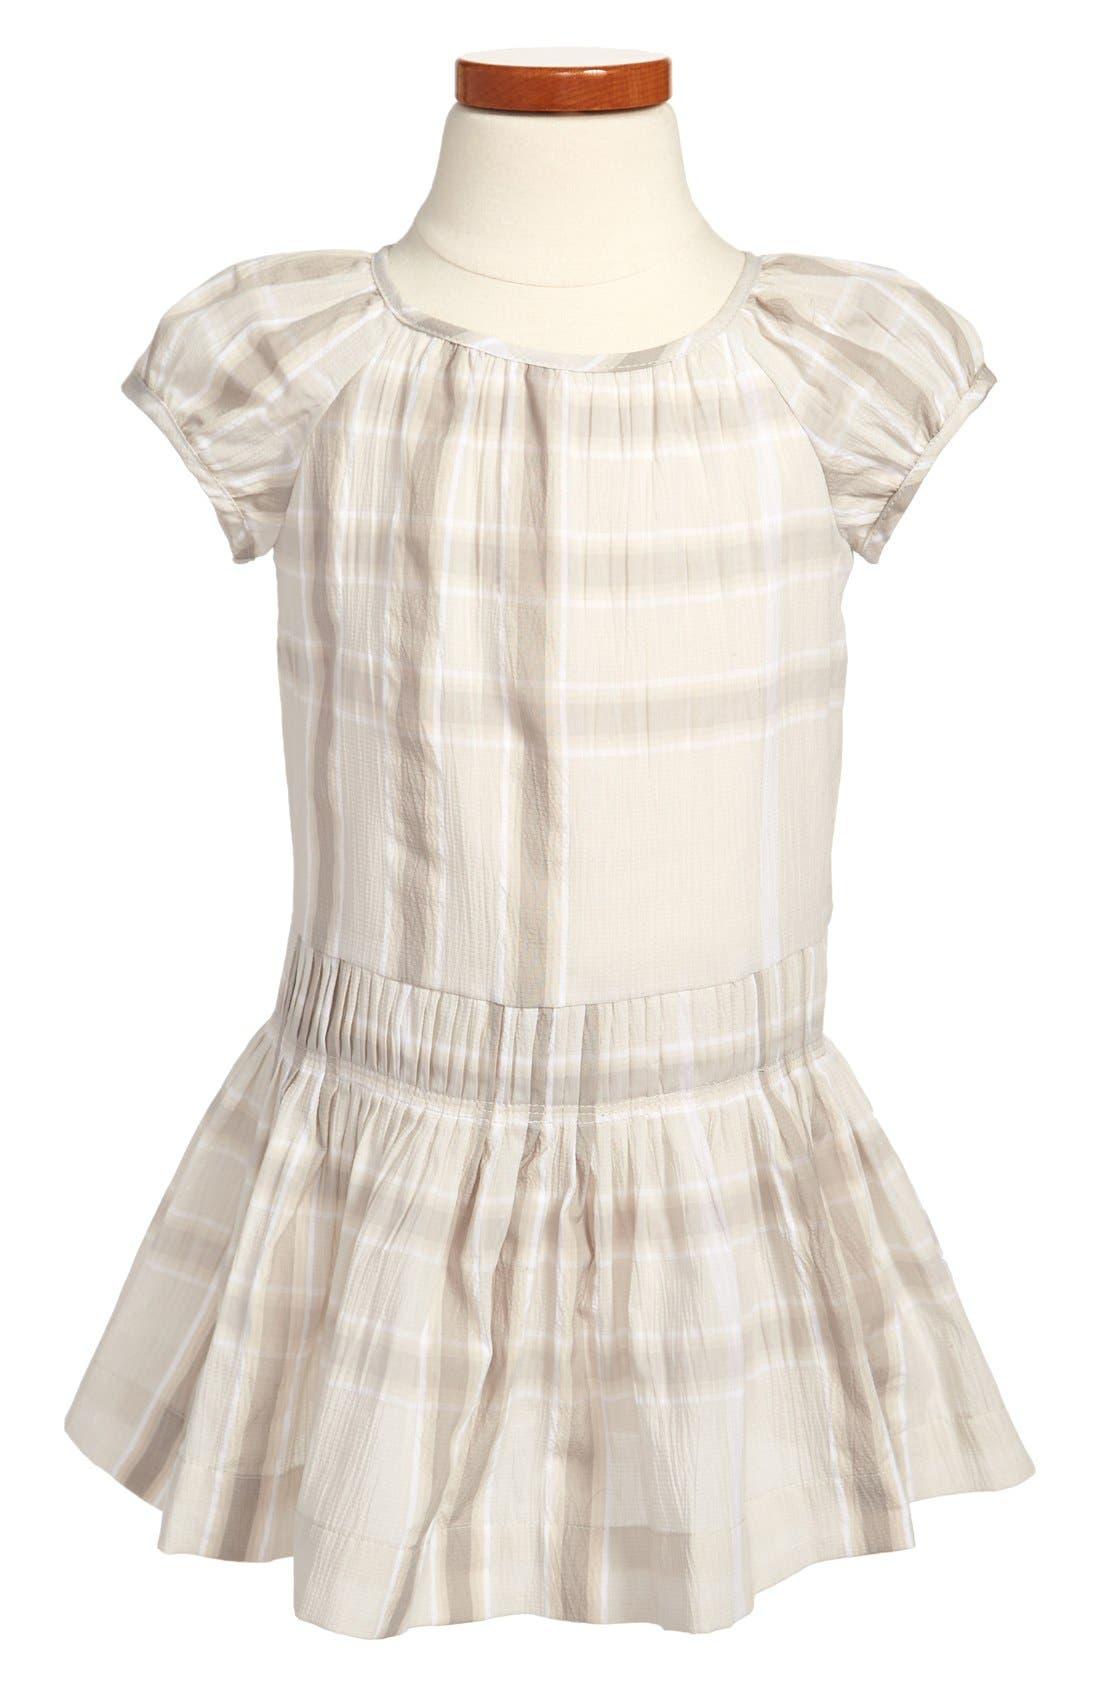 Main Image - Burberry 'Edemme' Dress (Little Girls & Big Girls)